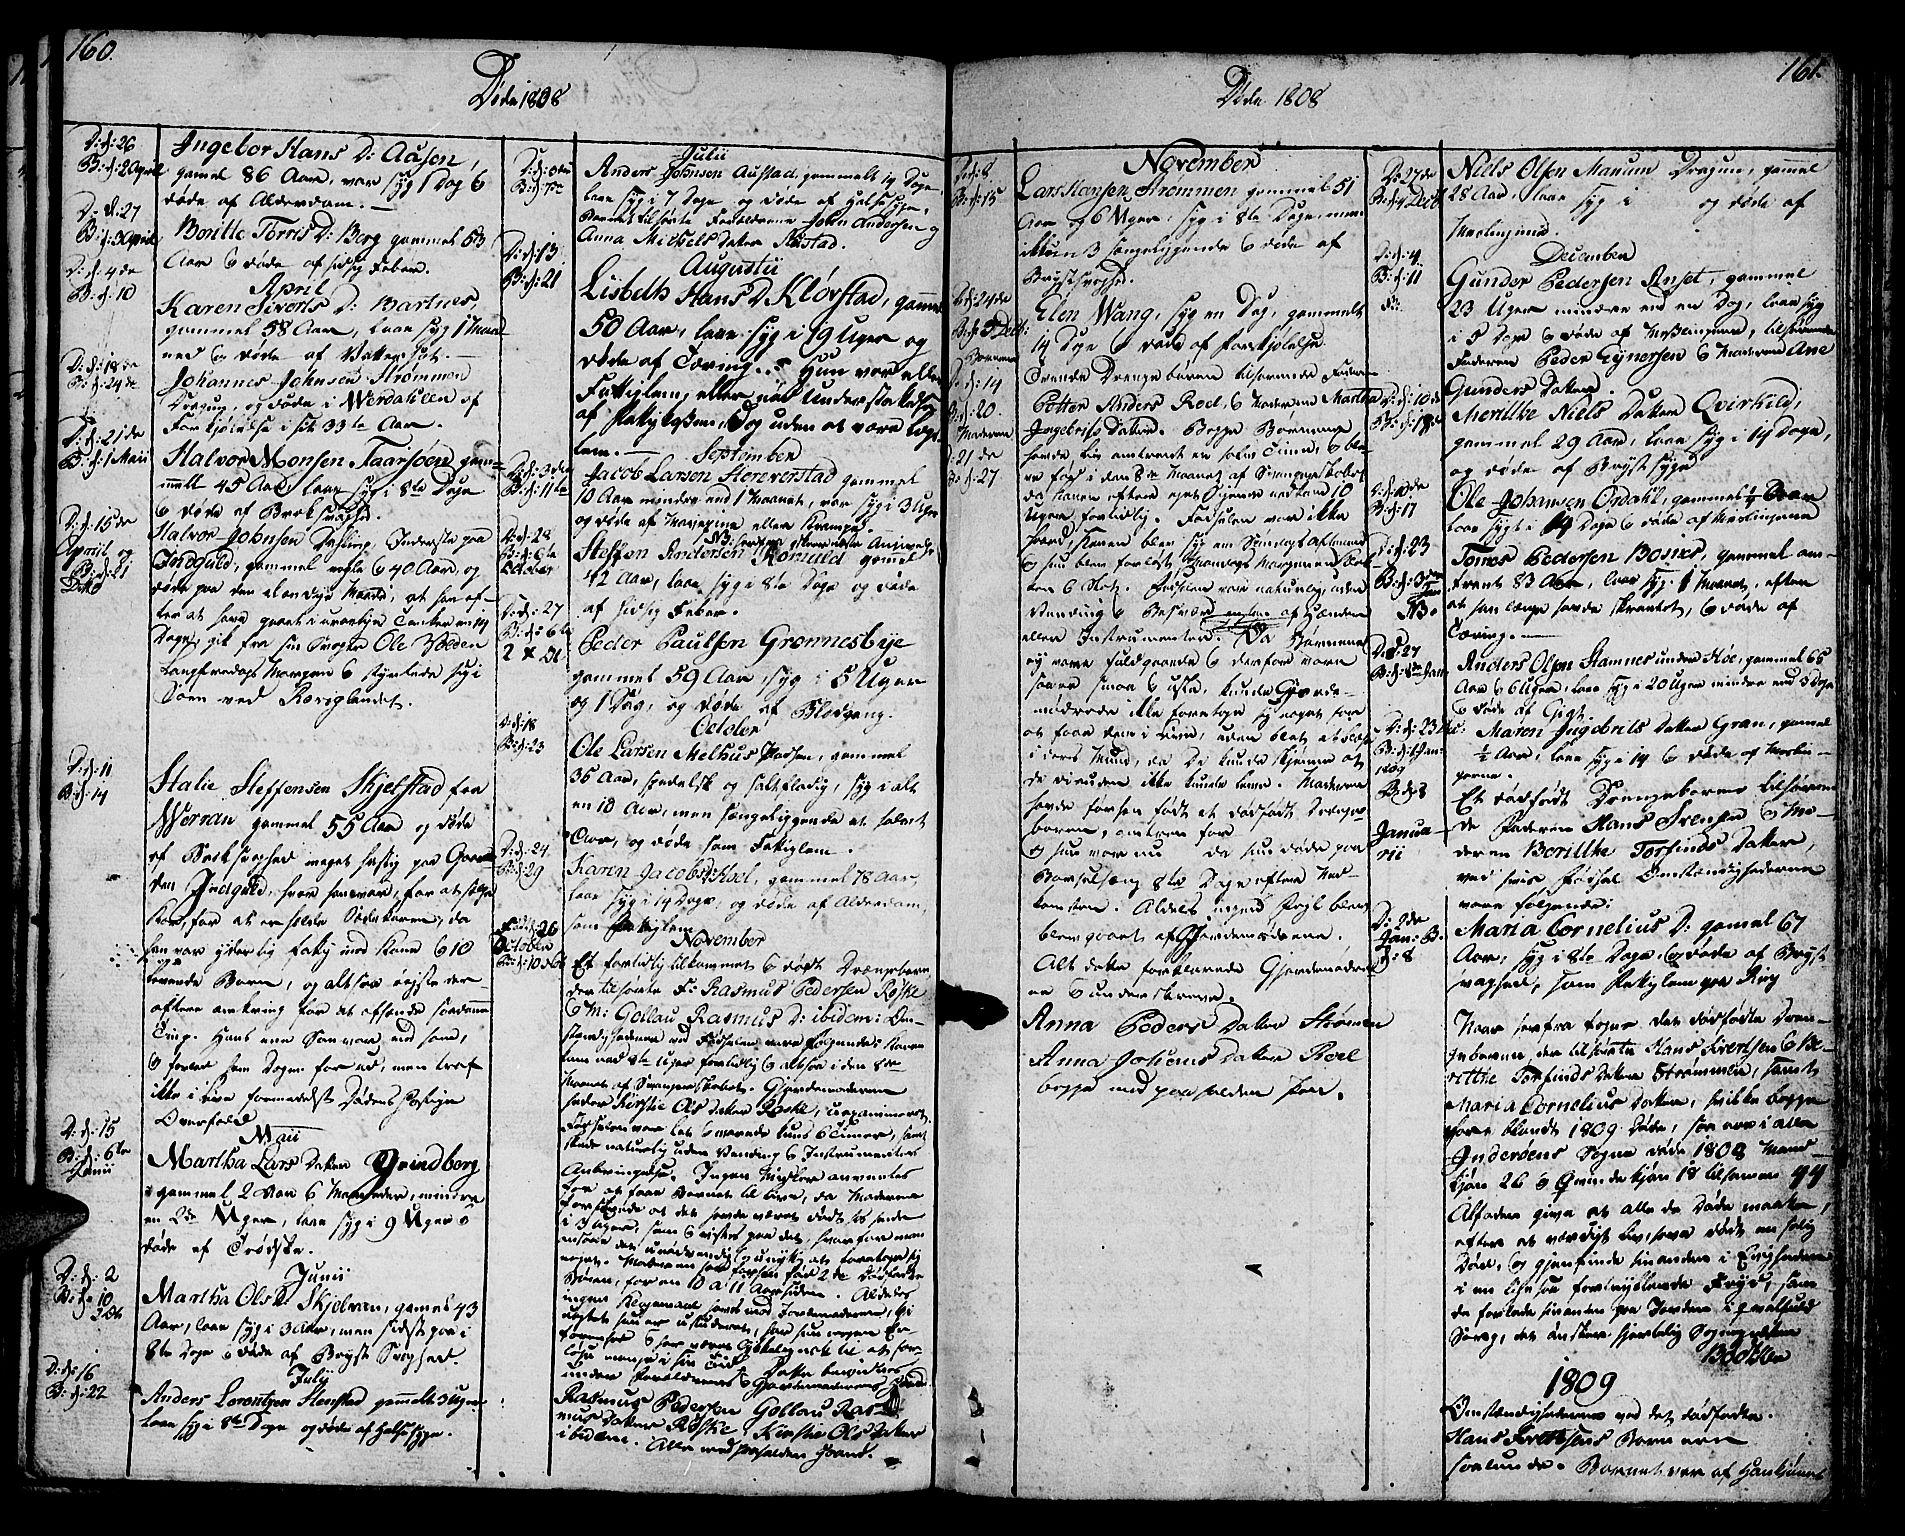 SAT, Ministerialprotokoller, klokkerbøker og fødselsregistre - Nord-Trøndelag, 730/L0274: Ministerialbok nr. 730A03, 1802-1816, s. 160-161